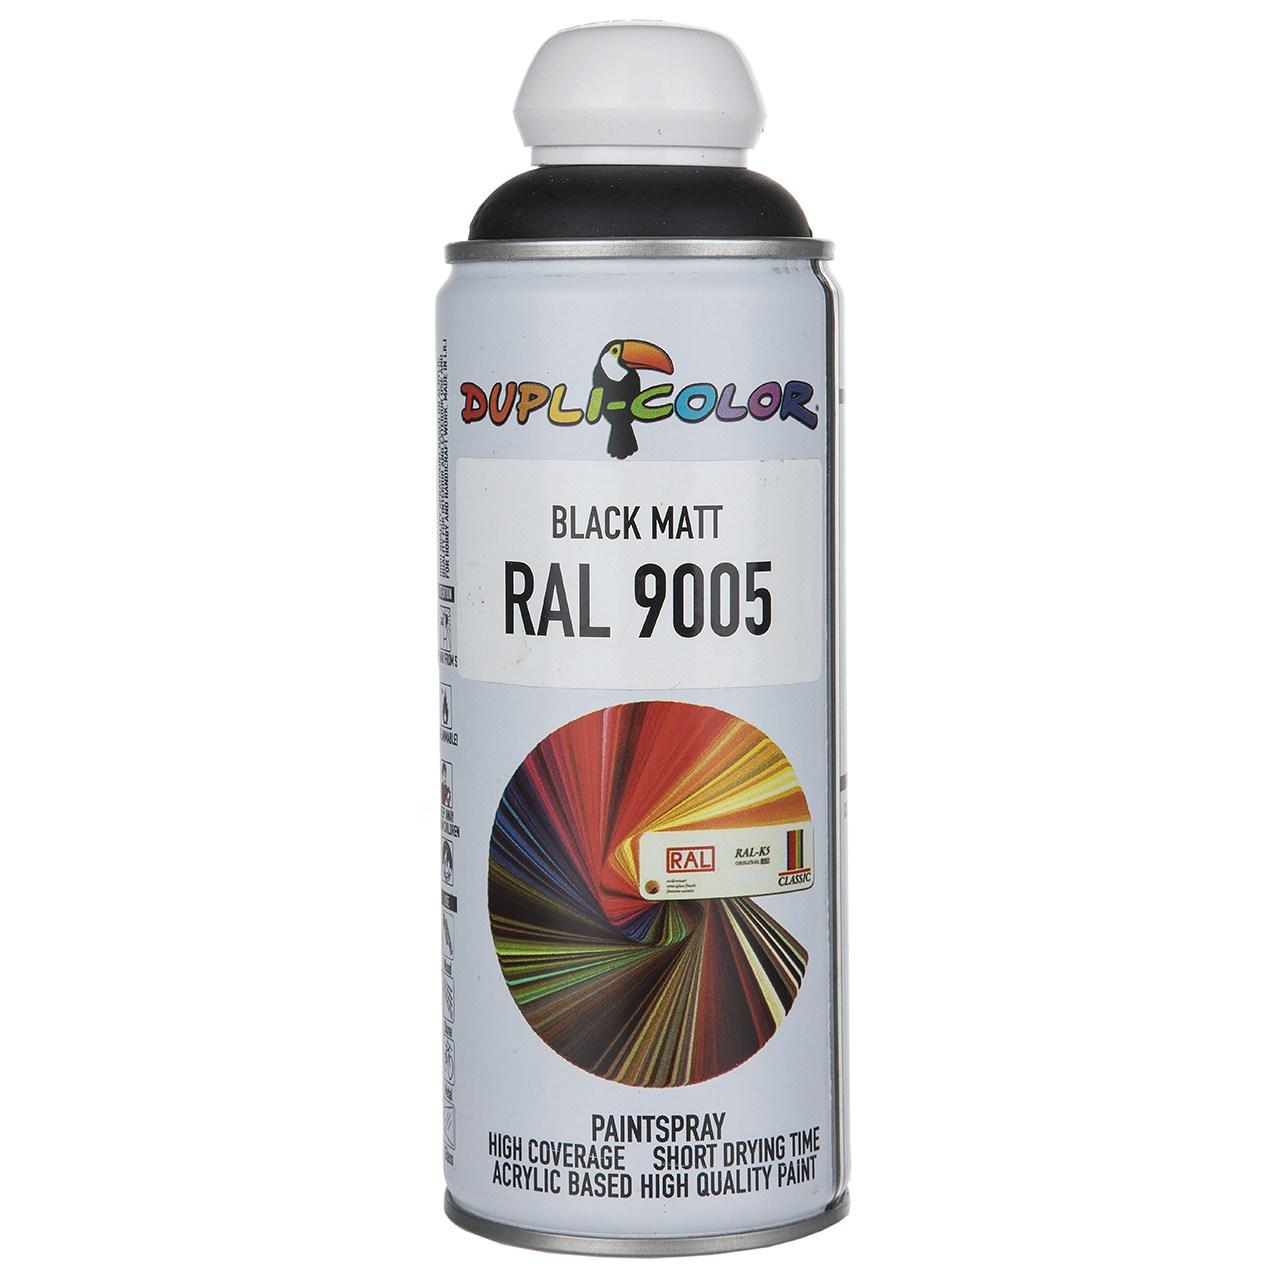 اسپری رنگ مشکی مات دوپلی کالر مدل RAL 9005 حجم 400 میلی لیتر